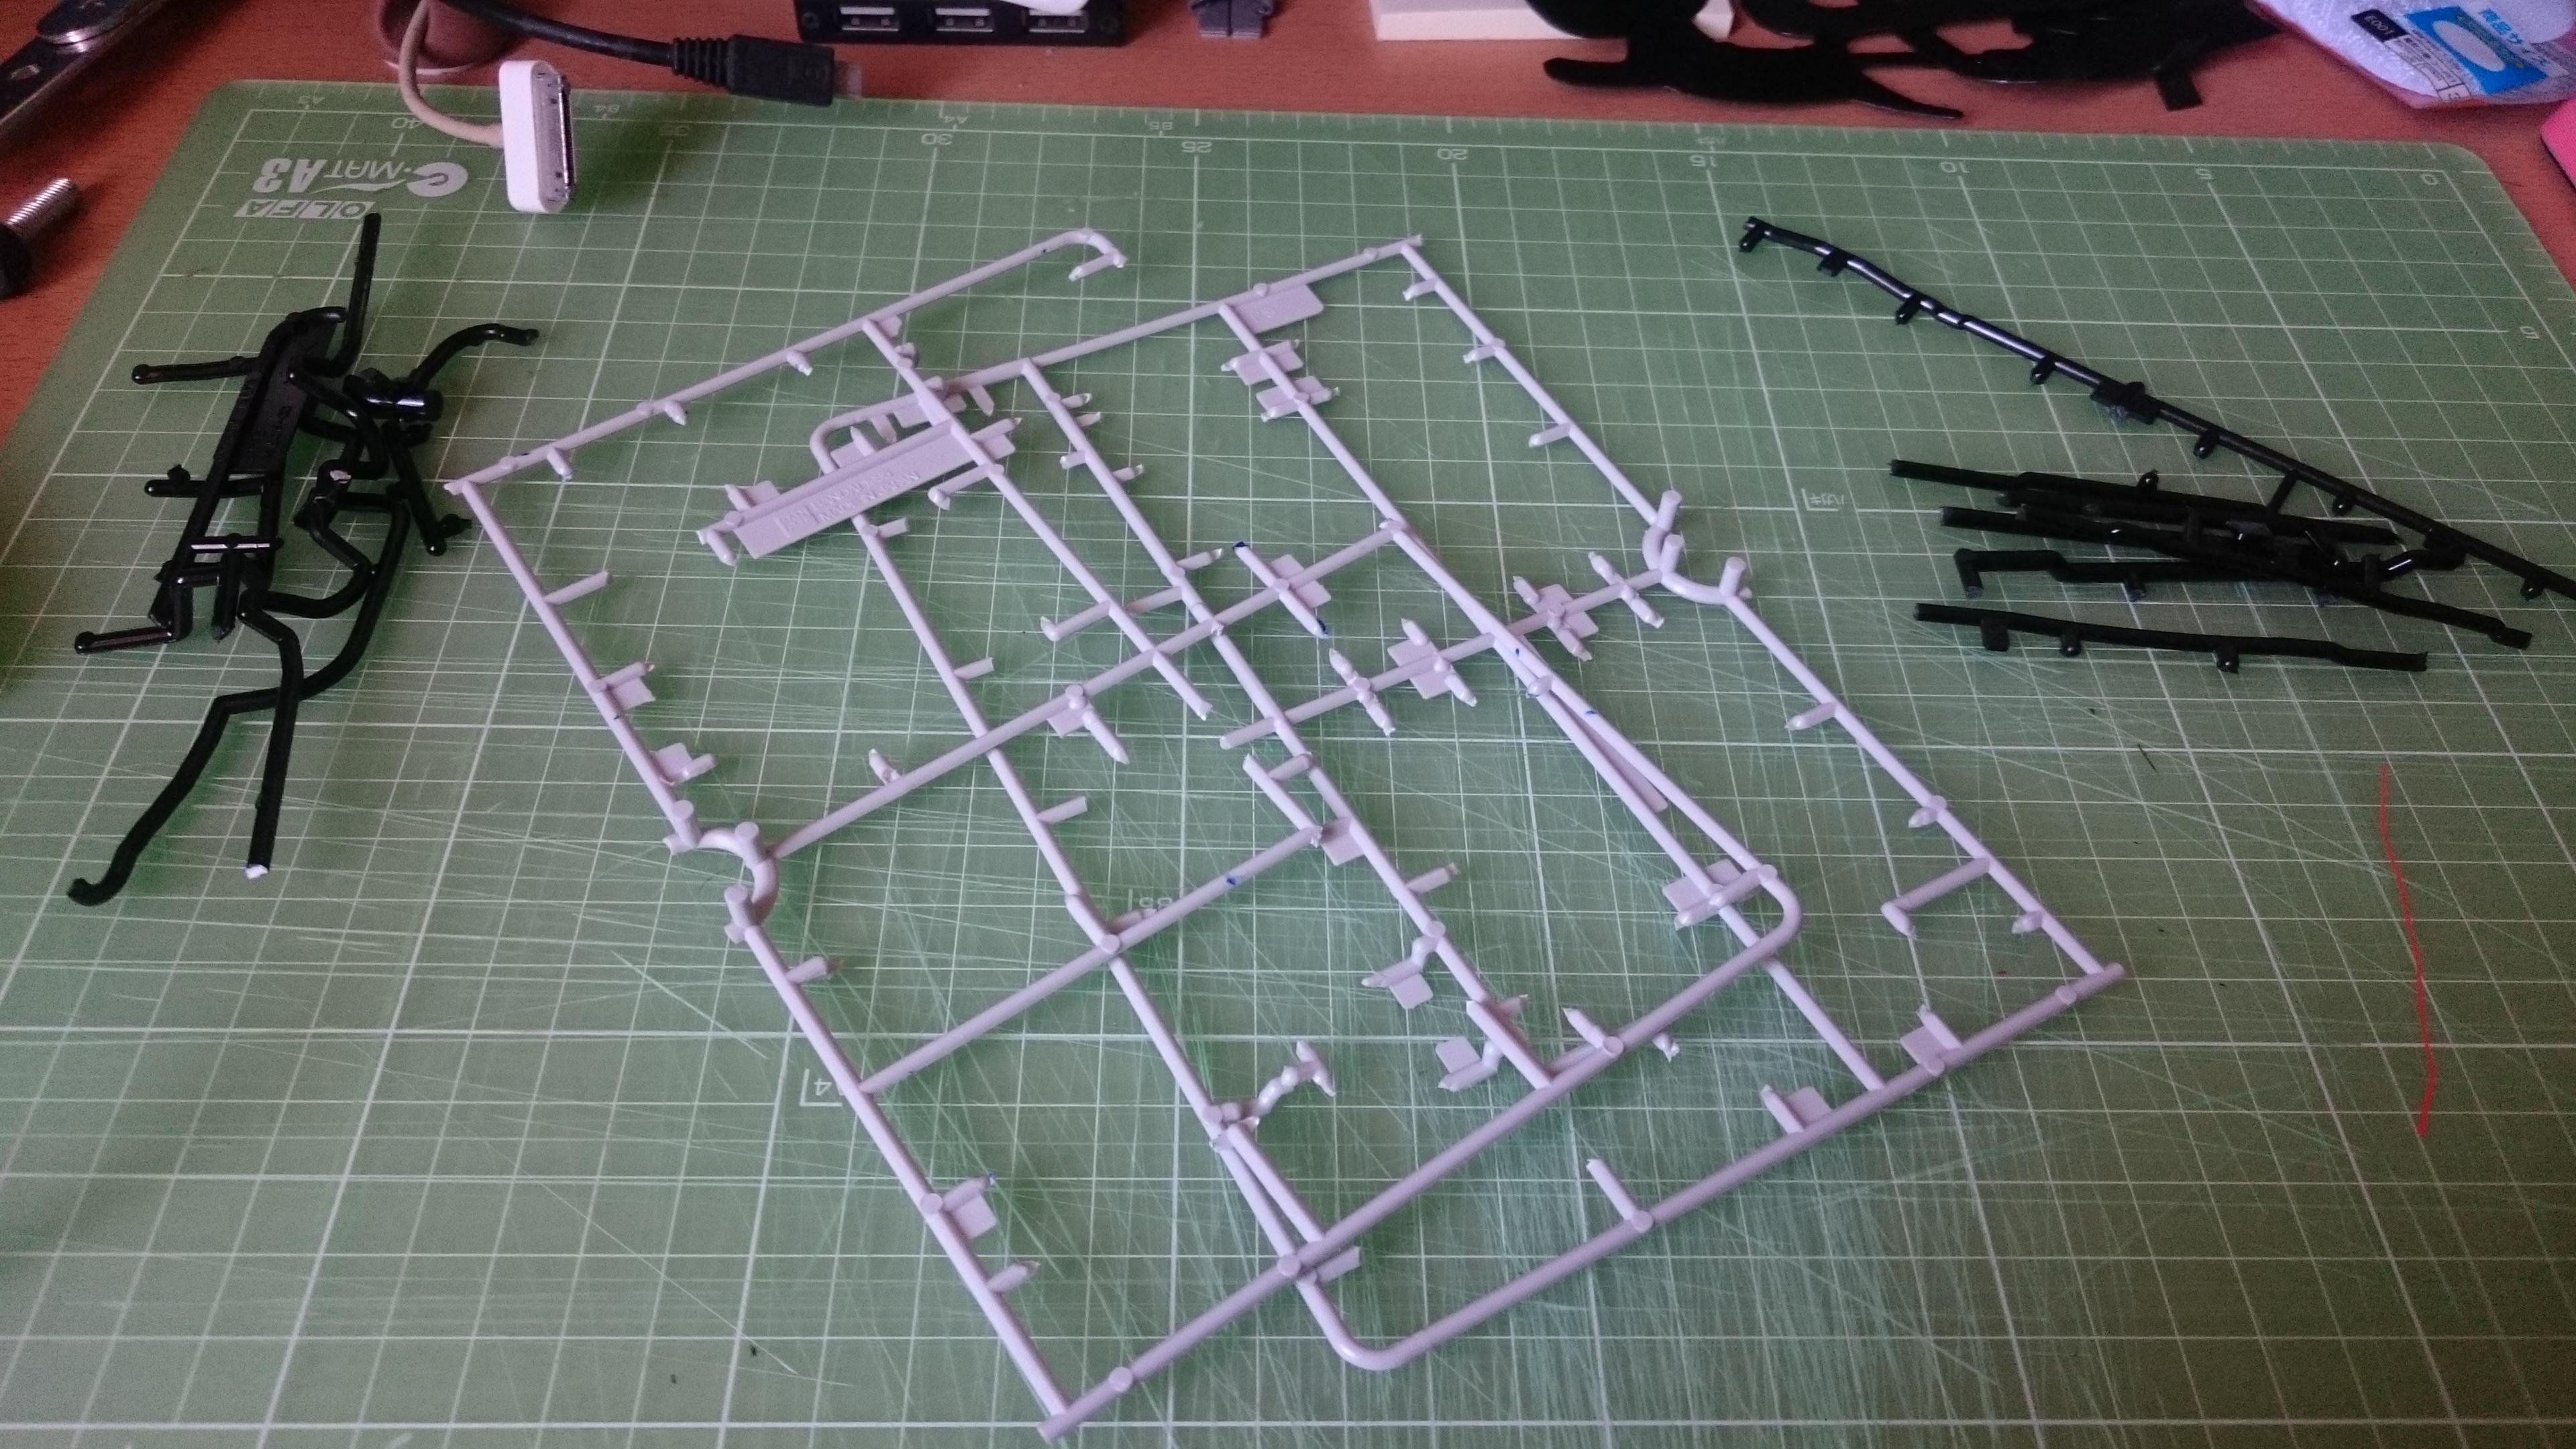 プラモデルを組み上げたあとに残るランナー。これを使います。